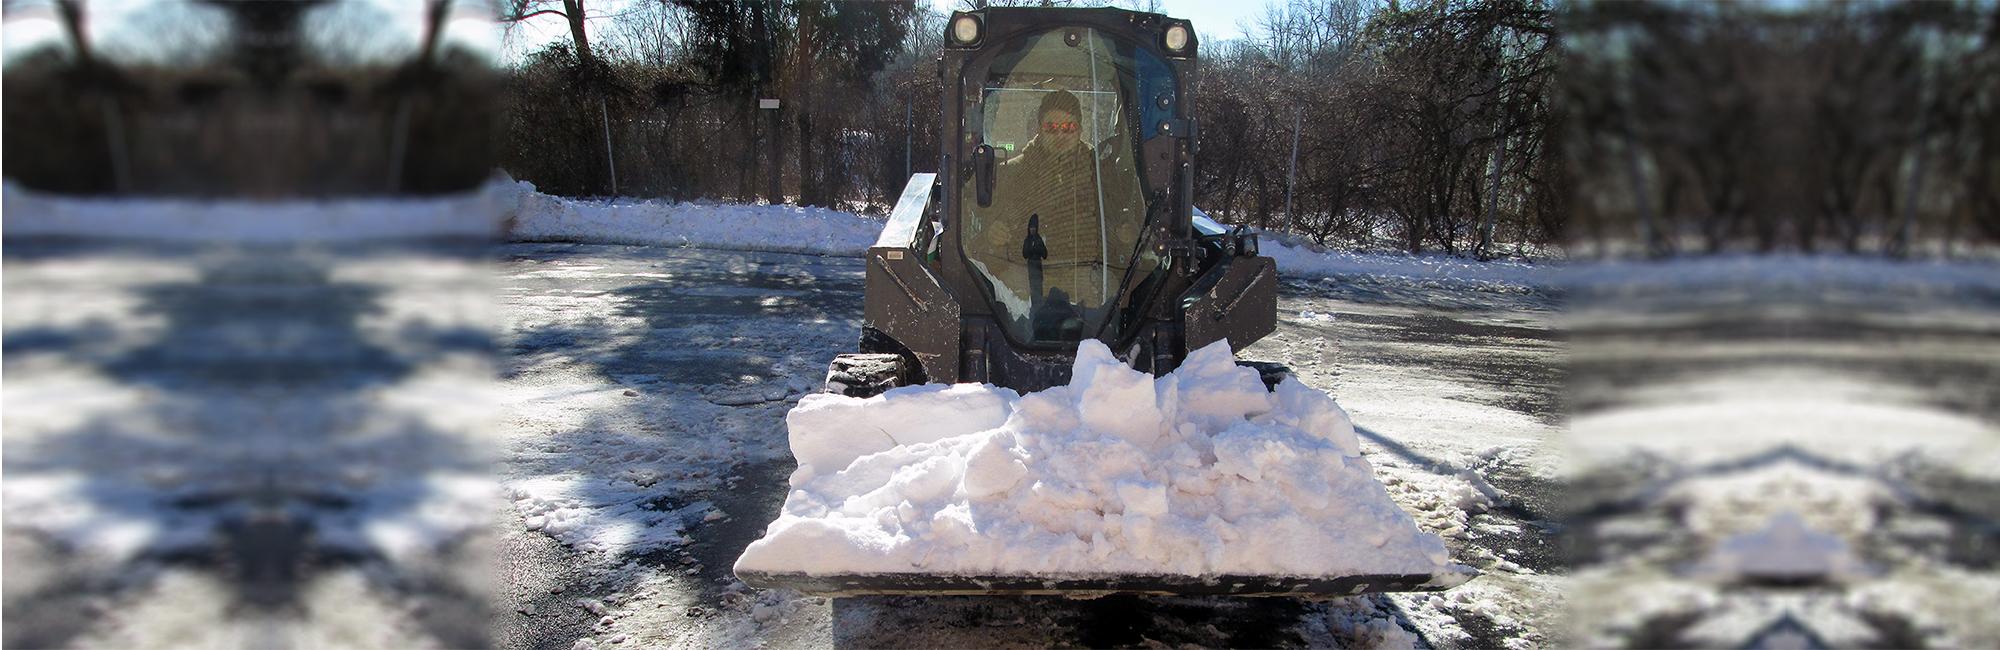 snow_skidsteer